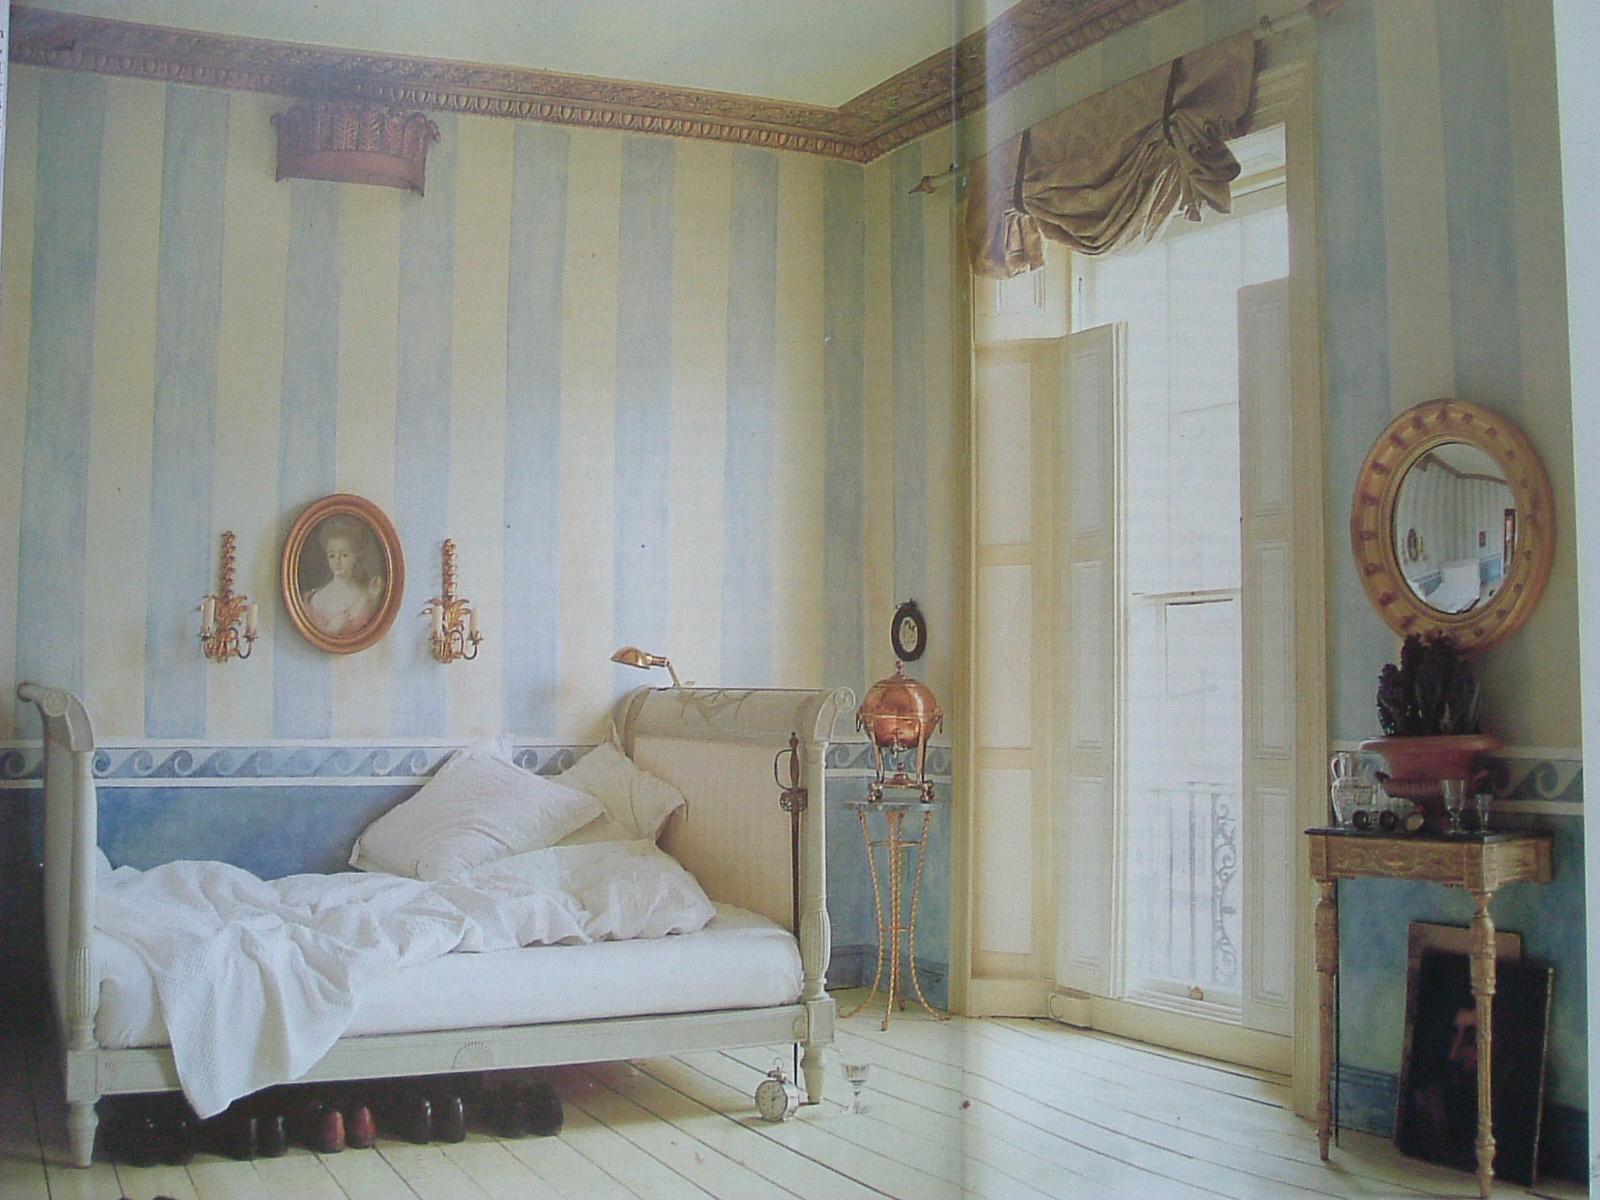 Marzia sofia salvestrini le pareti a righe - Pareti a righe camera da letto ...